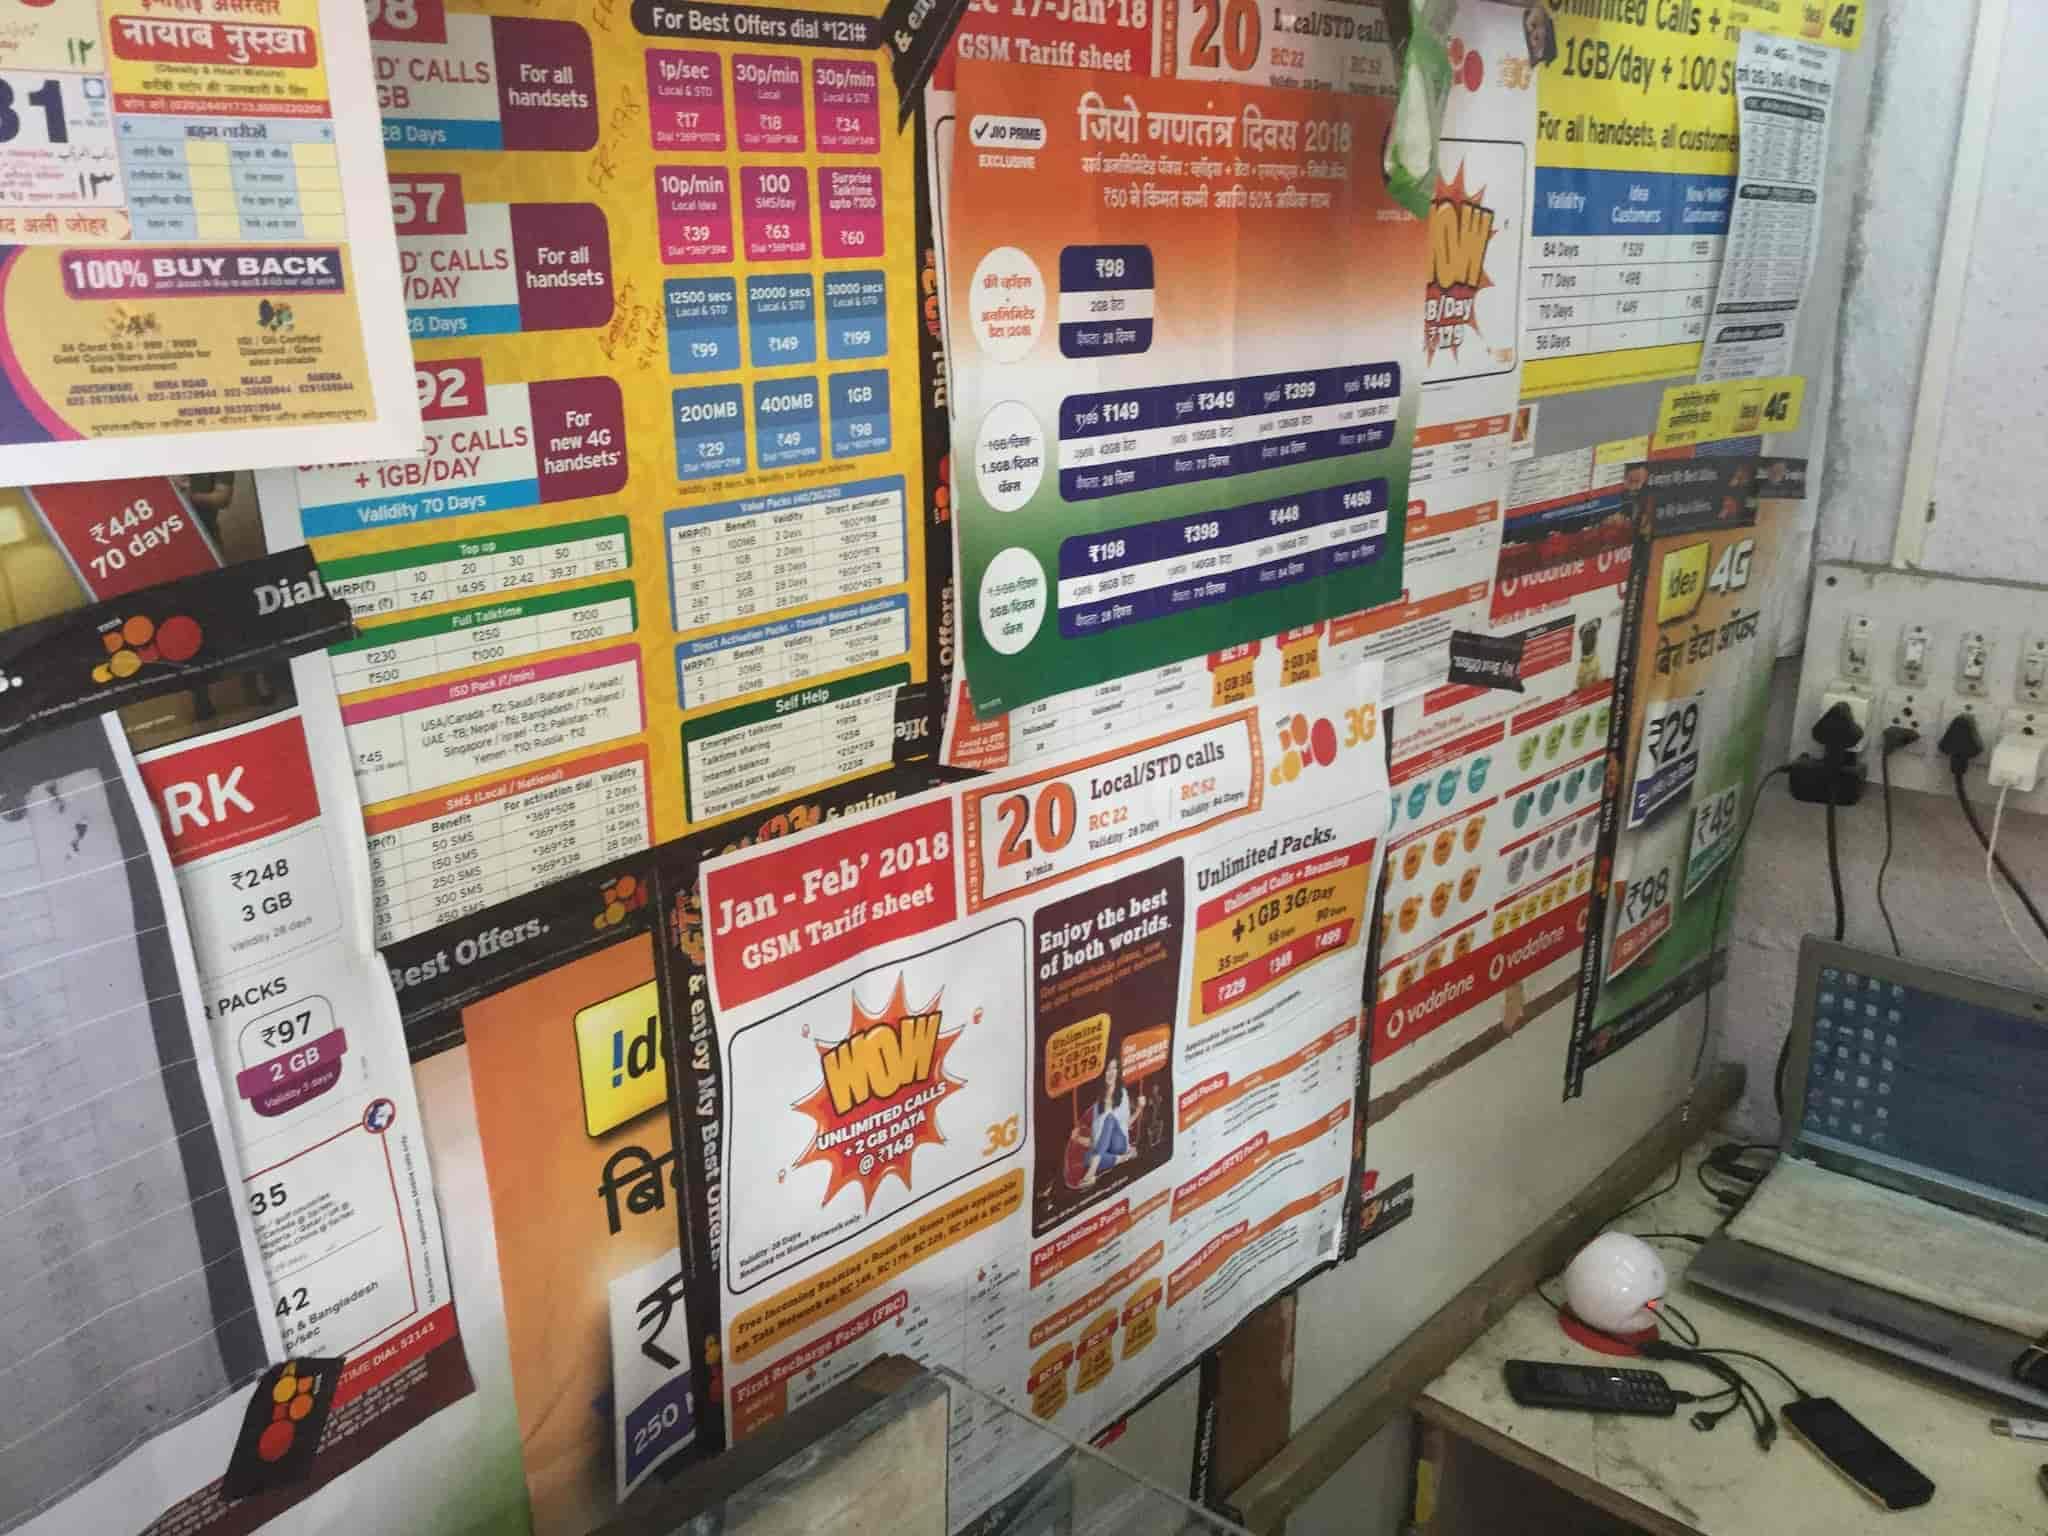 Choudhary Mobile Shop Reviews, Kharadi, Pune - 1 Ratings - Justdial